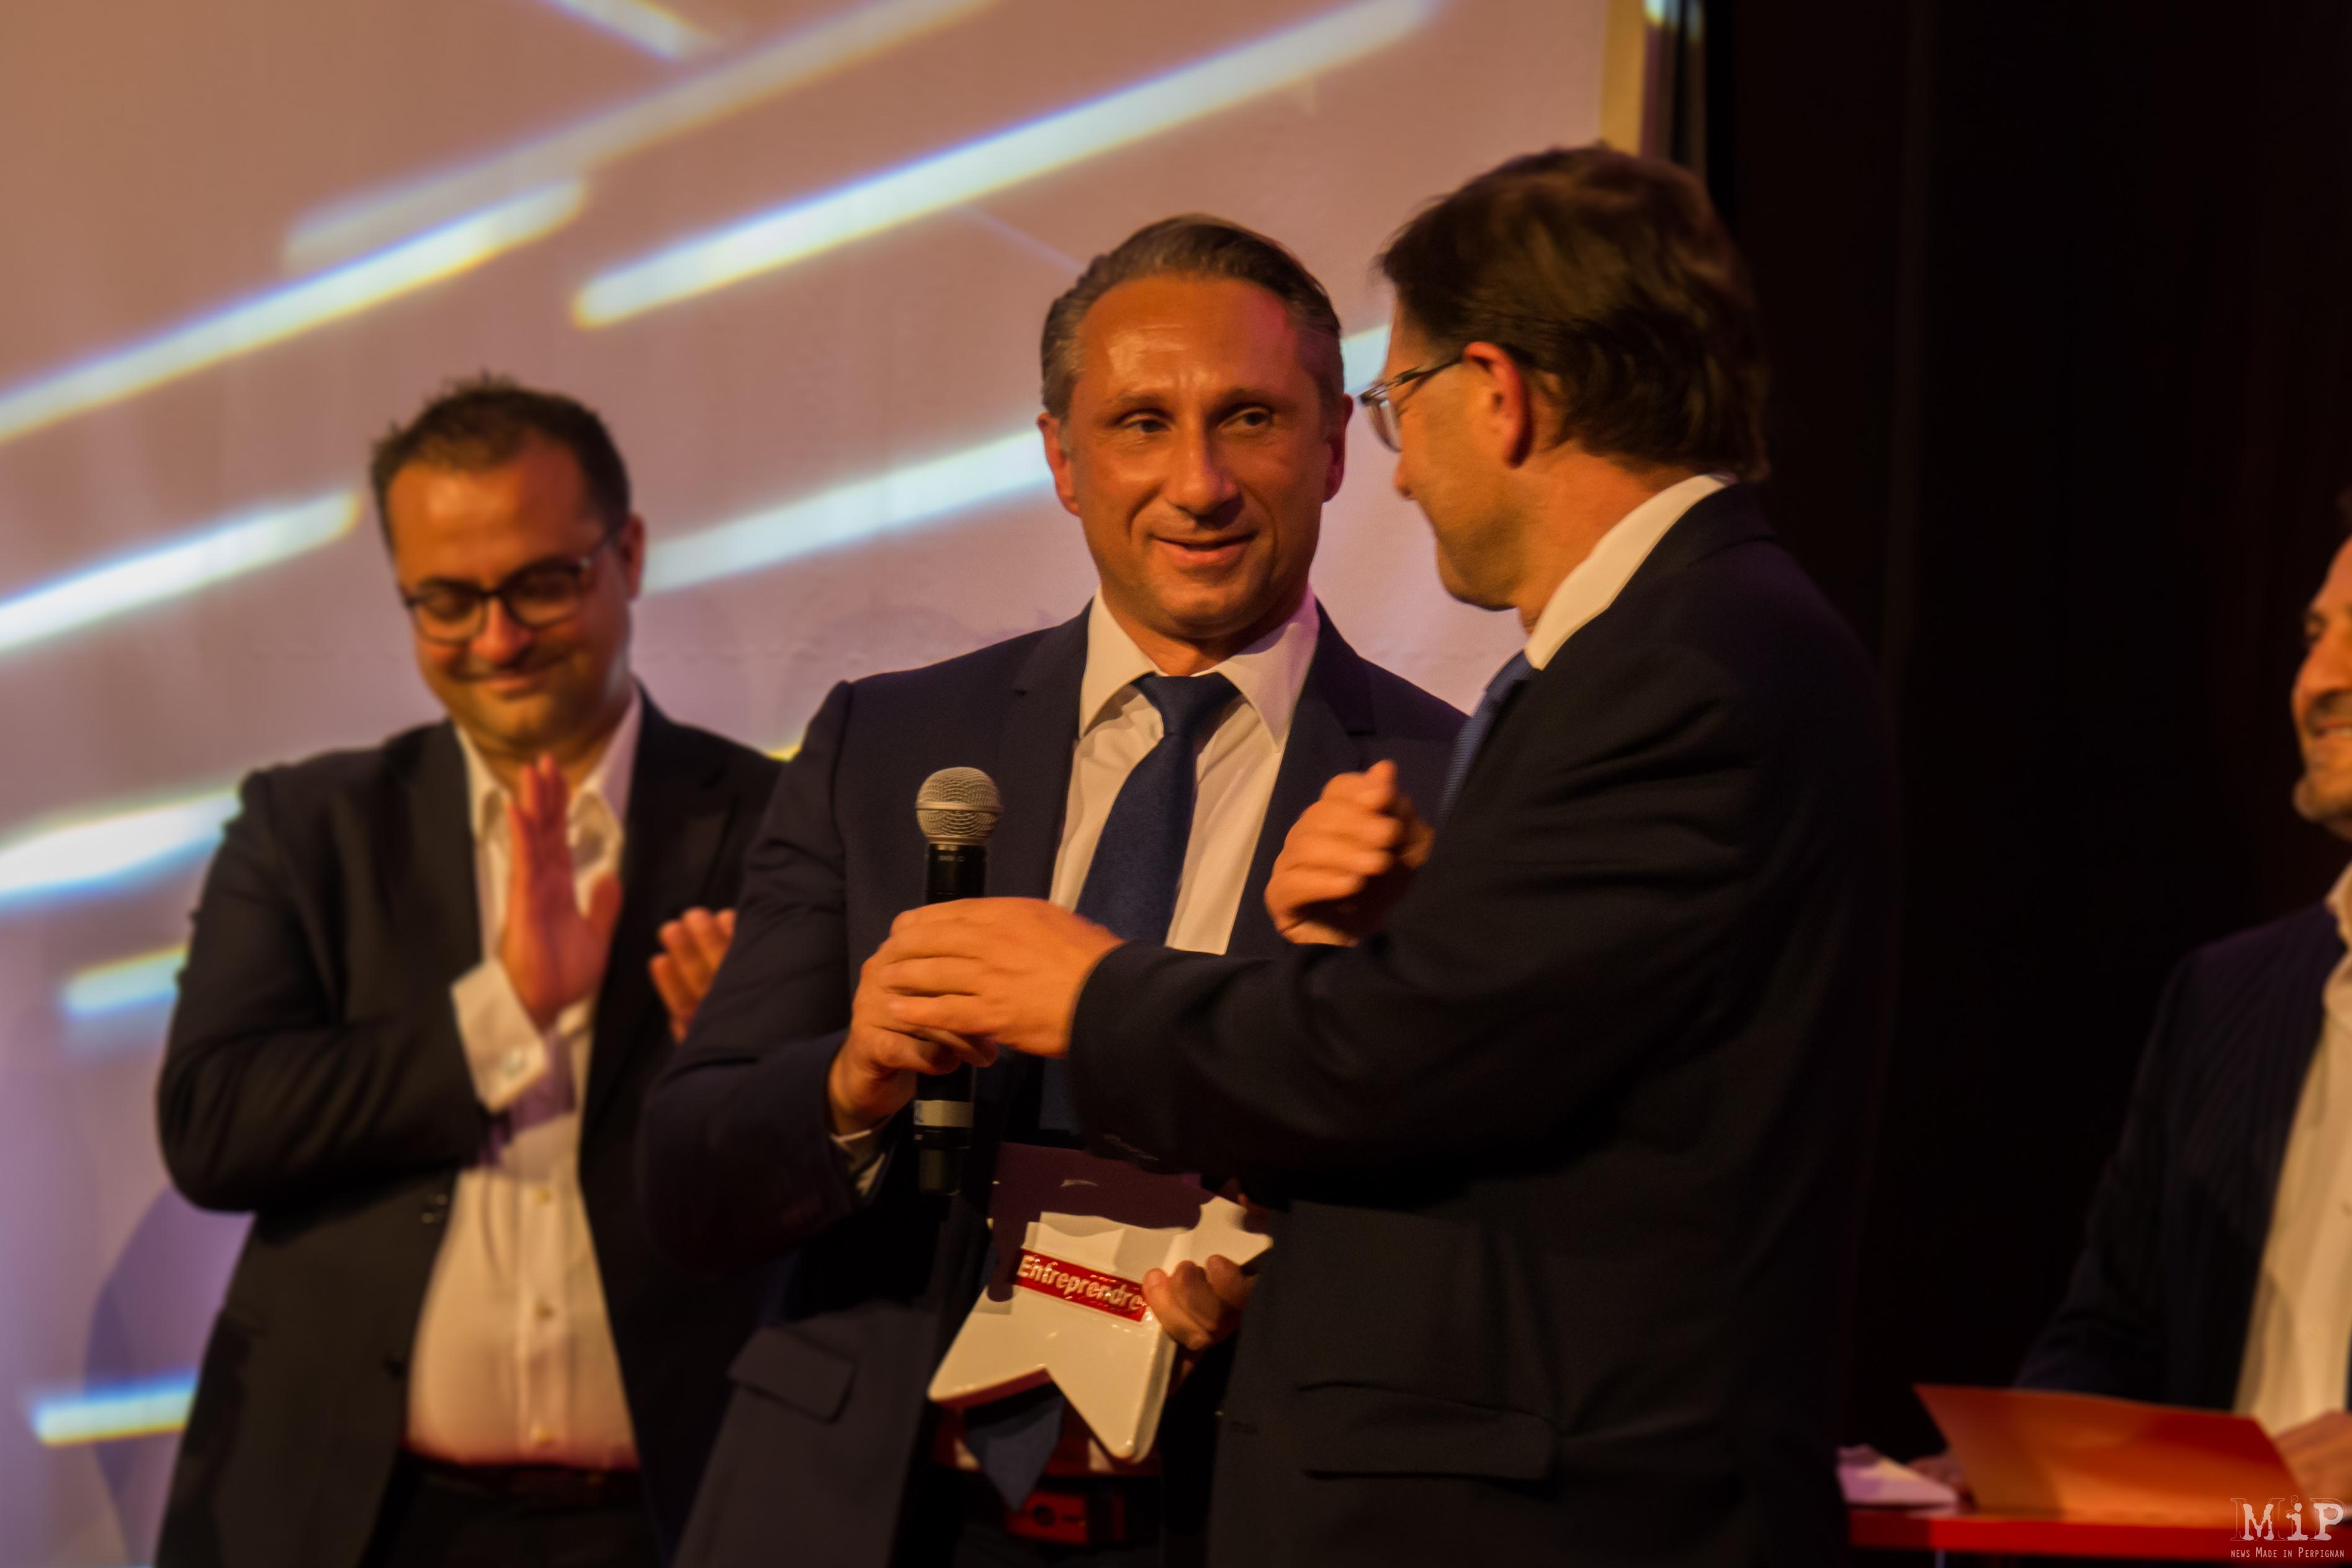 Stephan Français reçoit le trophée d'entrepreneur de l'année des mains de Robert Lafont